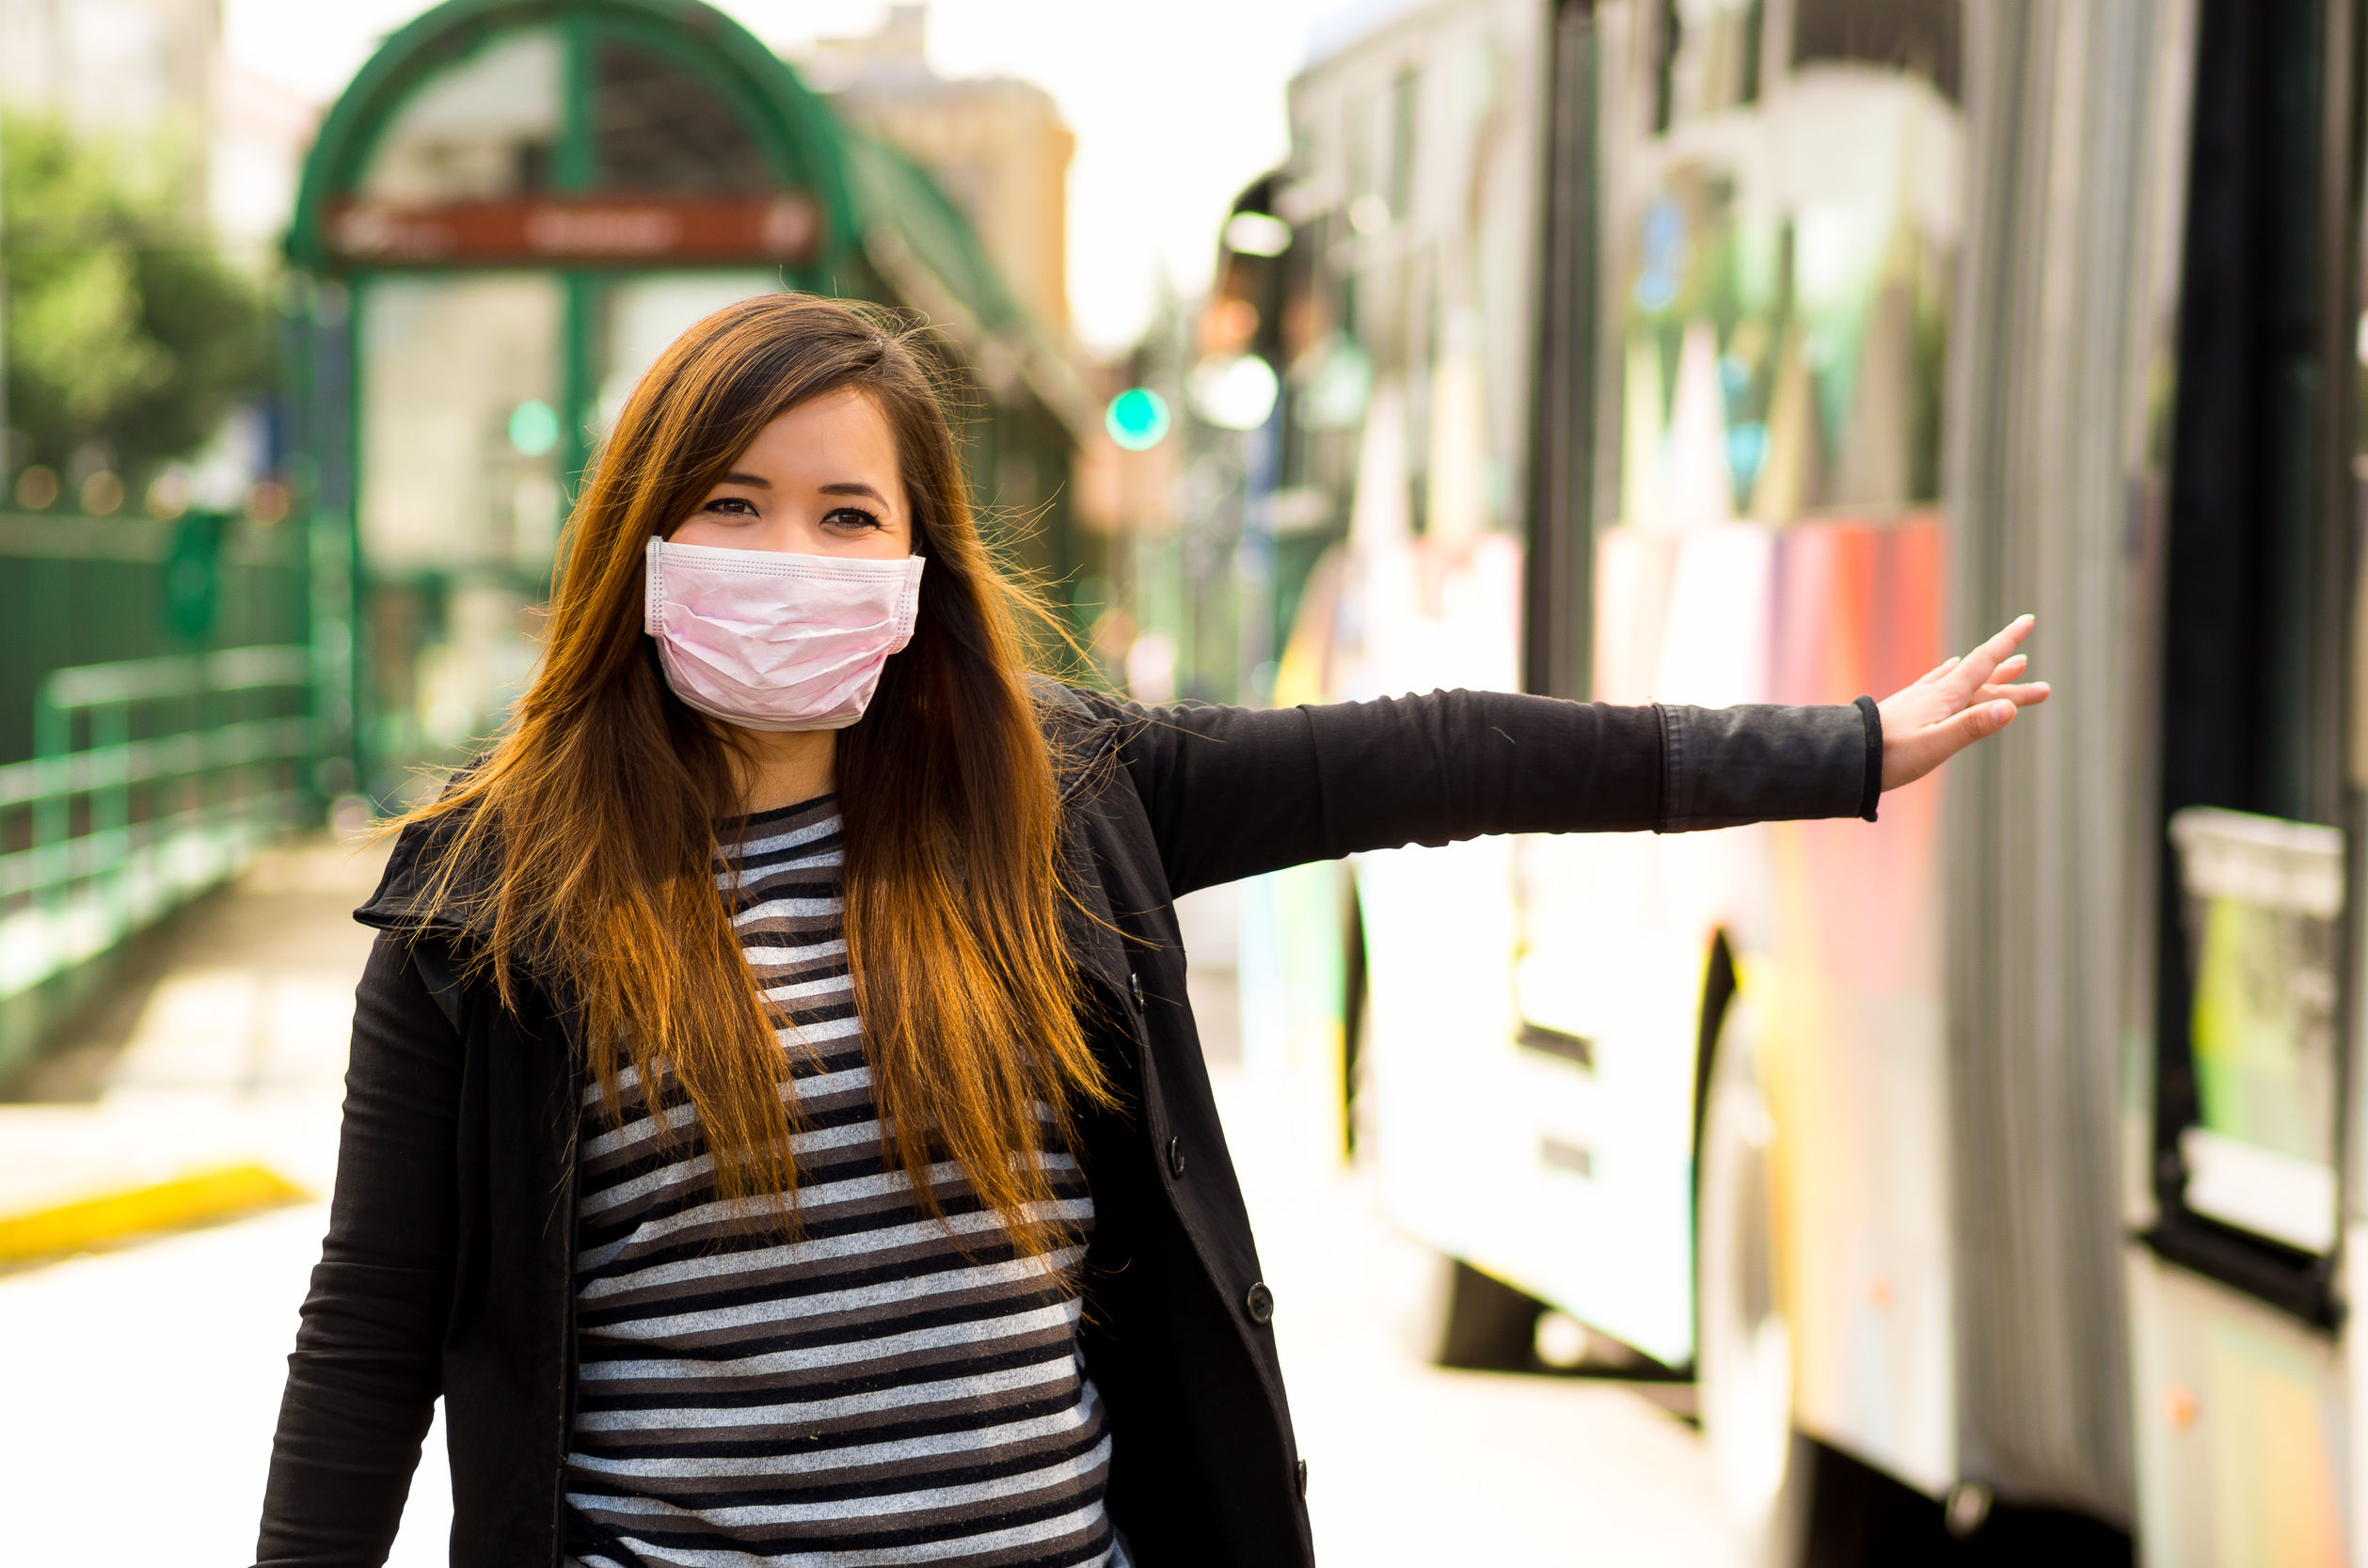 Feliz hermosa joven con máscara protectora en la calle de la ciudad con contaminación del aire, pidiendo un taxi con un autobús borroso detrás